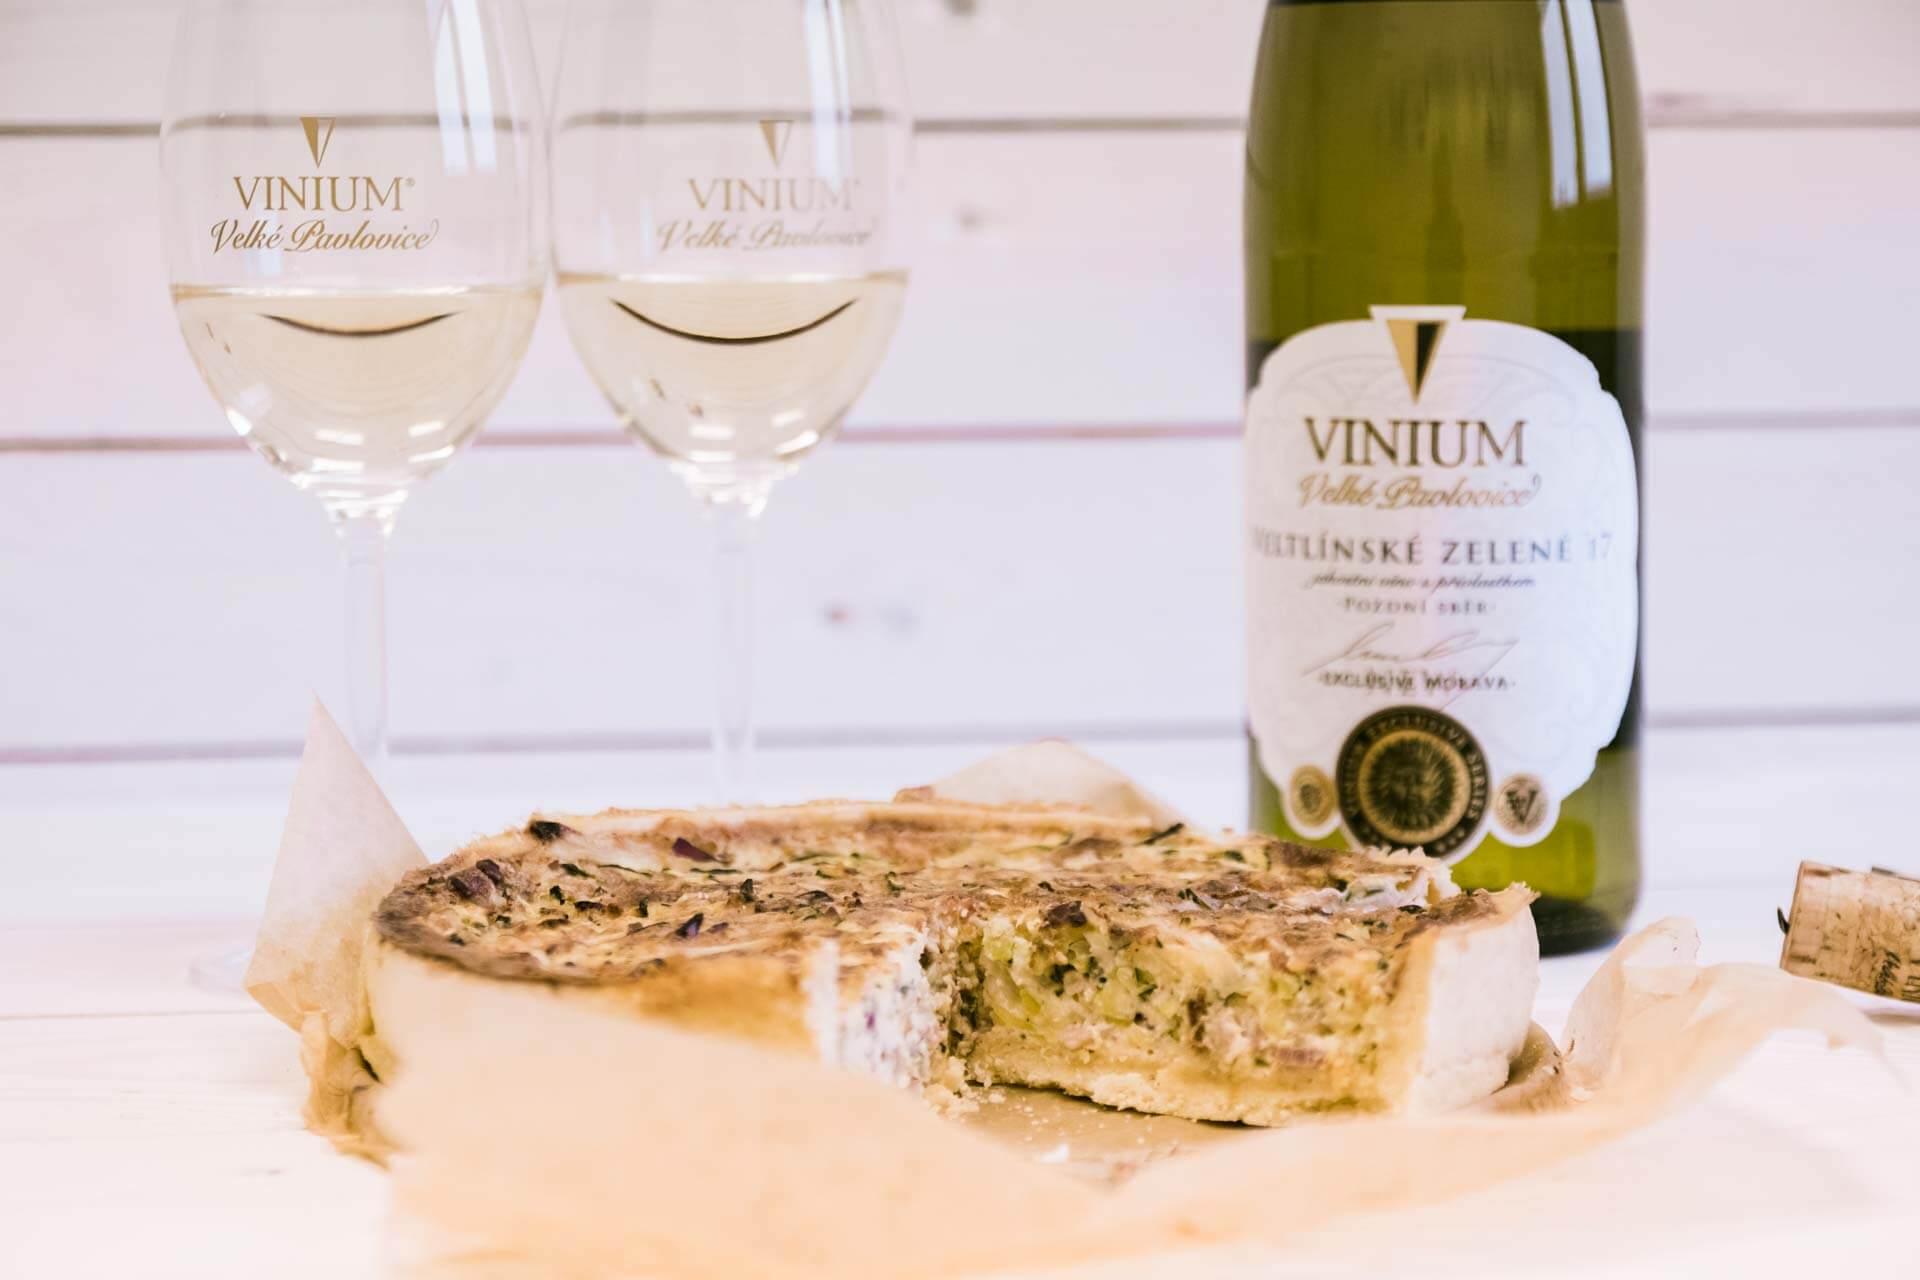 Foto ke článku 2, recept quiche, slaný koláč, Veltlínské zelené, VINIUM